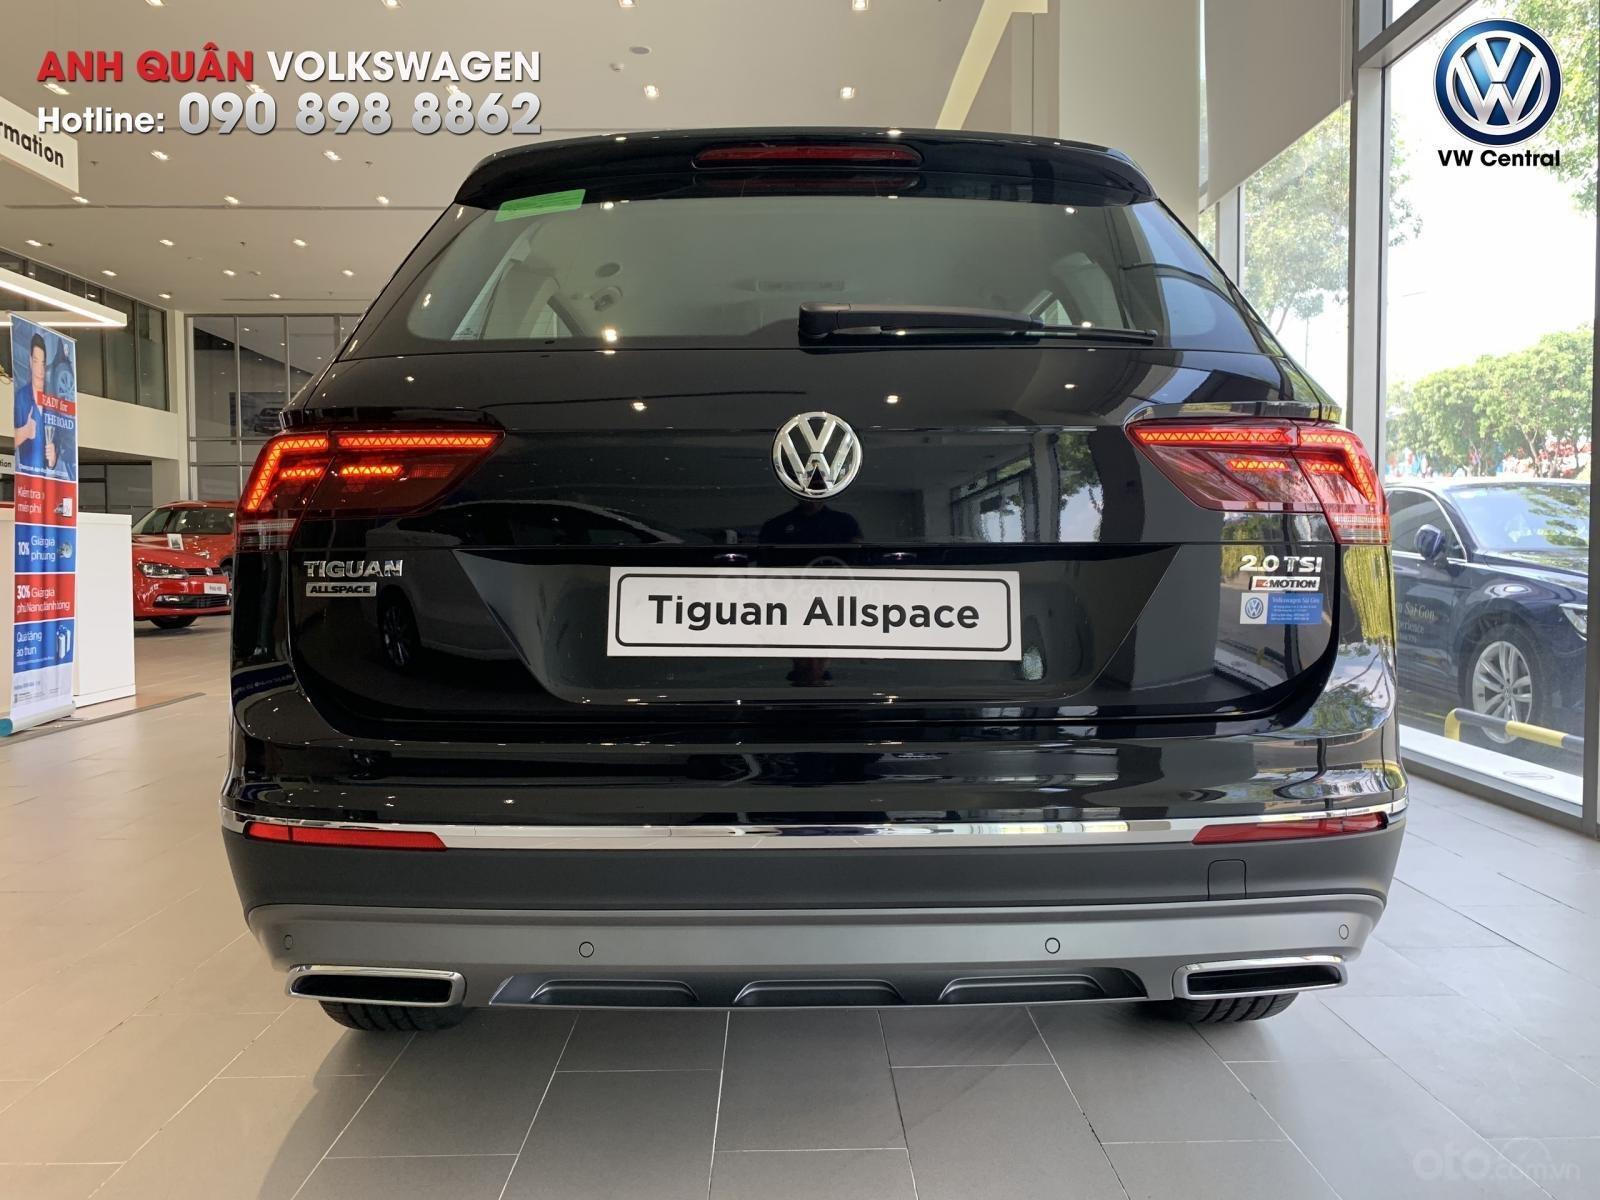 Tiguan Allspace 2019 - ưu đãi mua xe lên tới 160tr, trả góp 80%, hotline: 090-898-8862 (19)